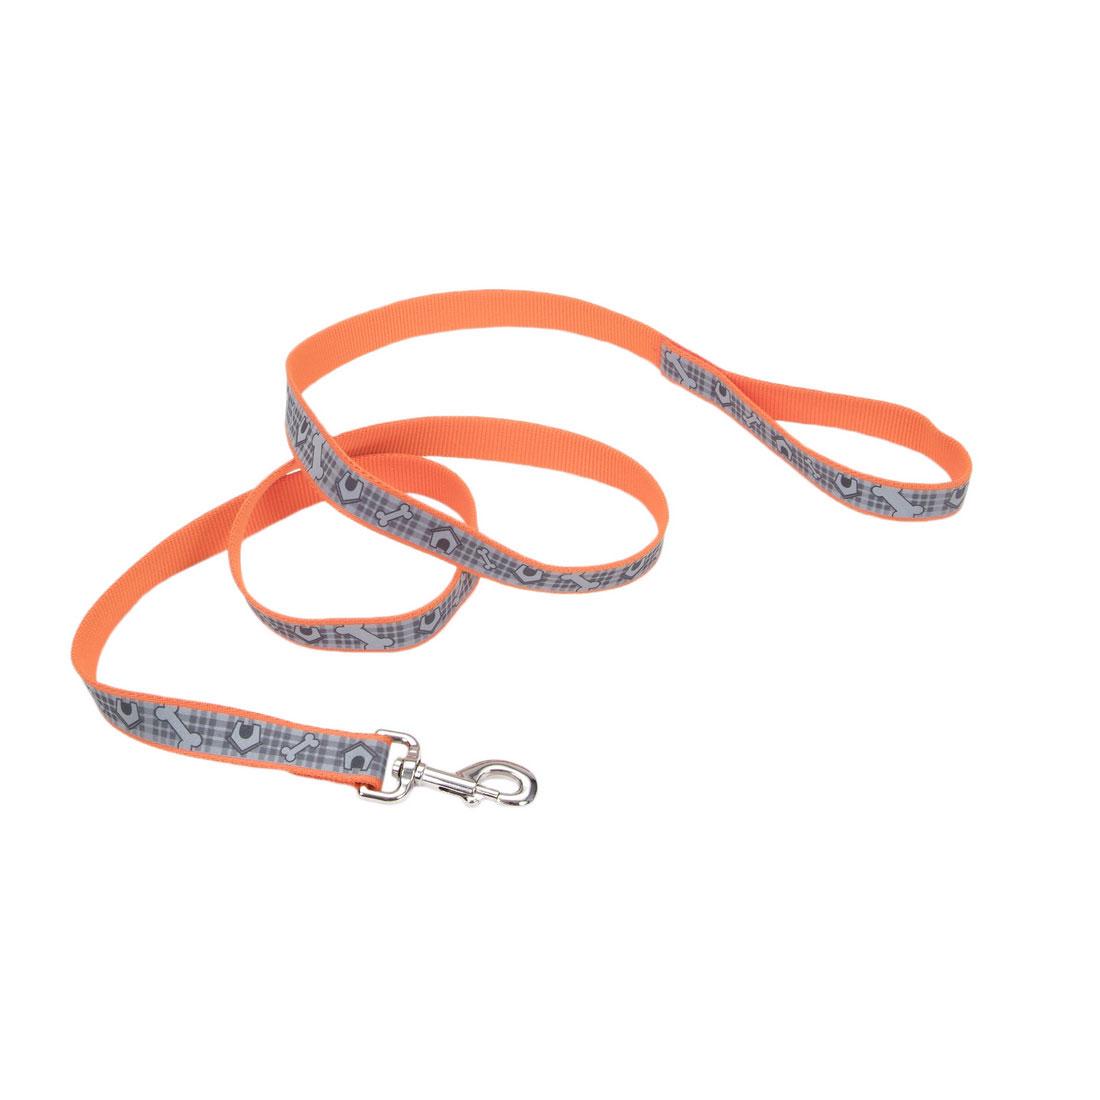 Lazer Brite Reflective Dog Leash, Orange Dog Houses, 1-inx6-inx6-in